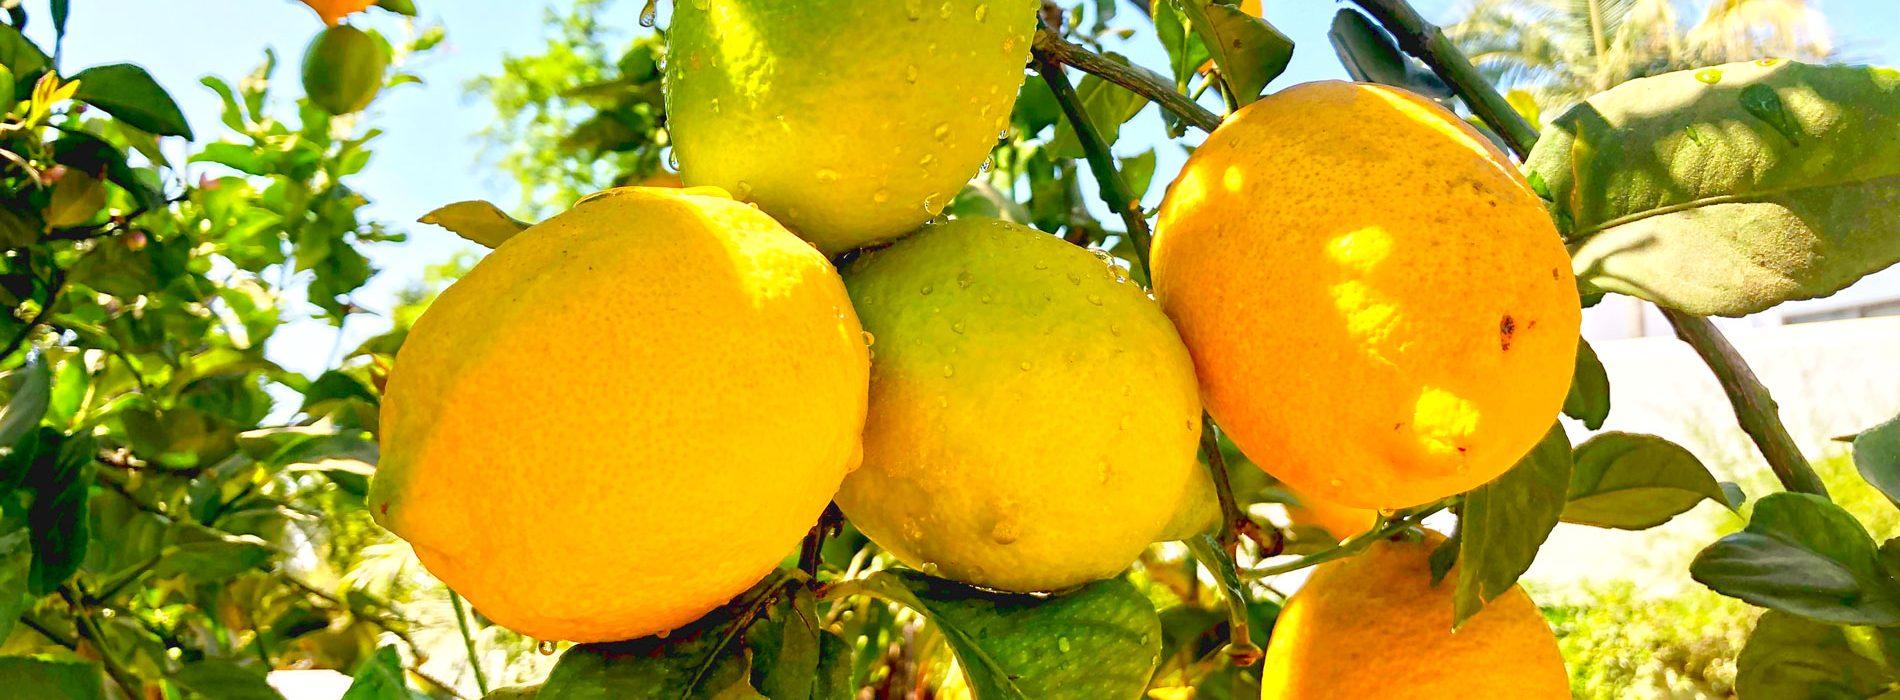 Limoncello-header